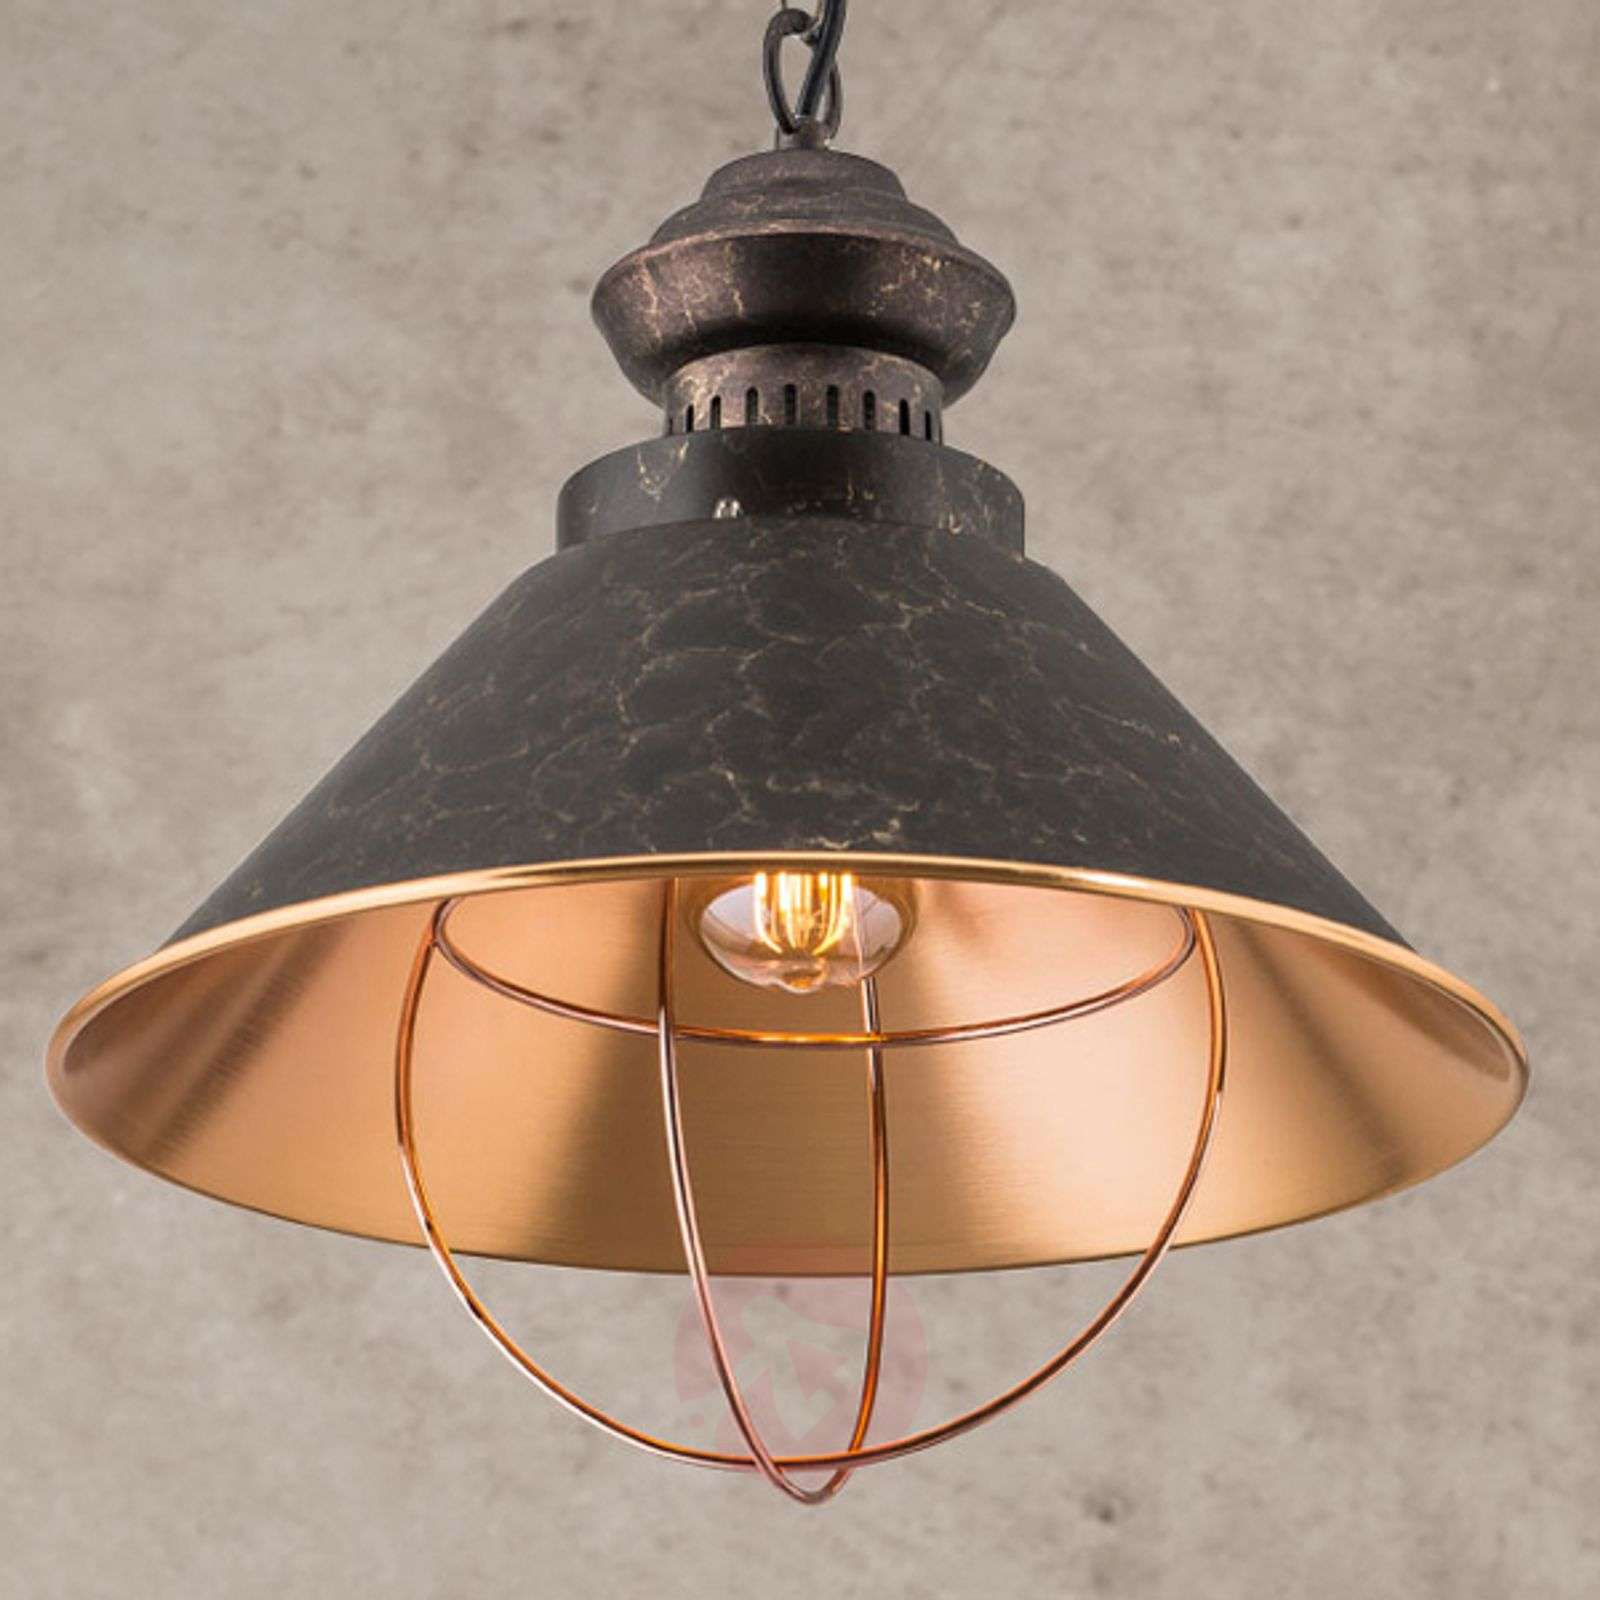 Rustic pendant lamp Shanta, one-bulb-7255169-07